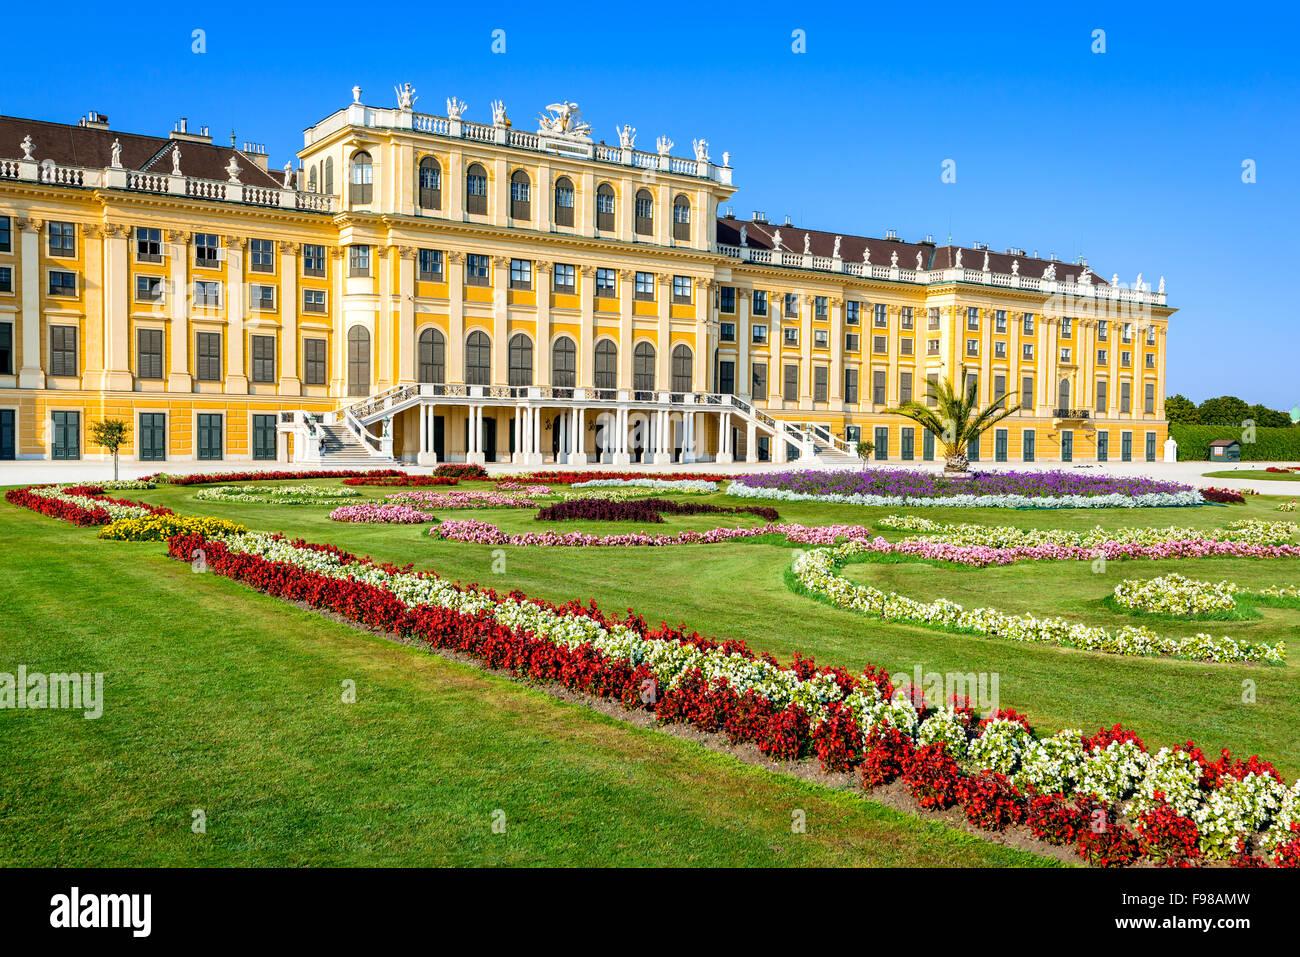 Austria. Palacio de Schonbrunn en Viena. Es un antiguo imperial 1.441-habitación rococó moderna residencia Imagen De Stock